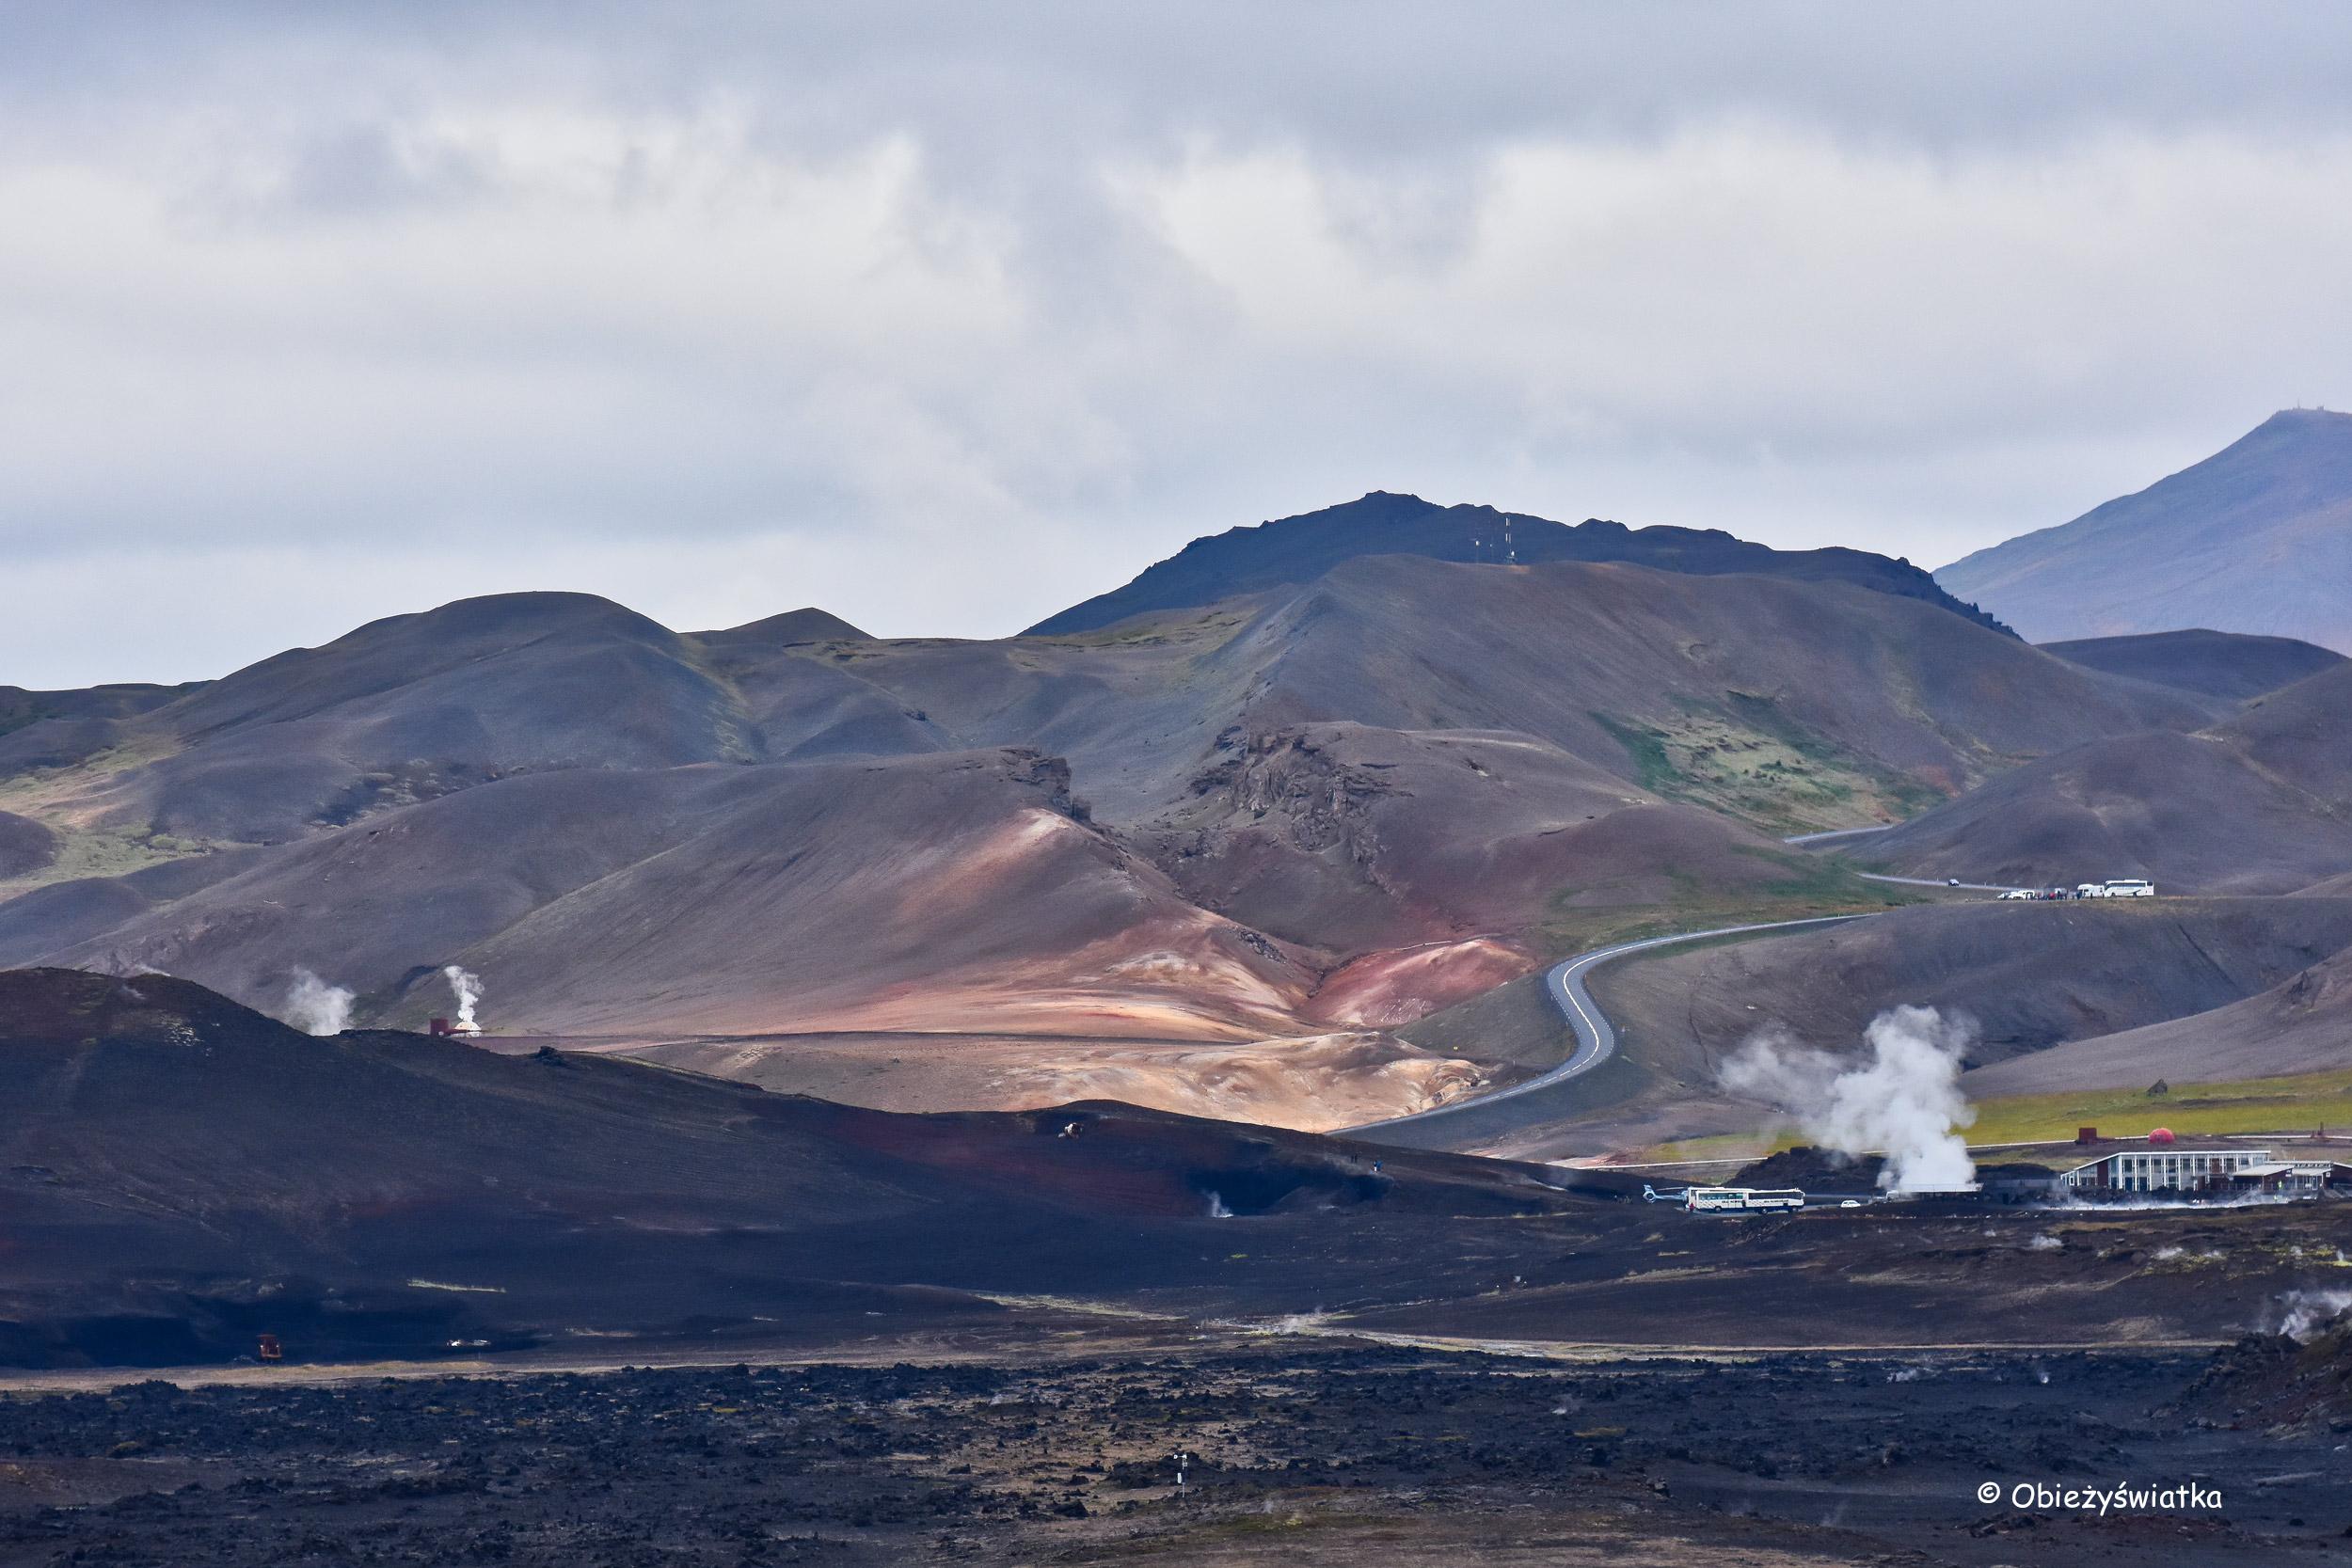 Islandia widziana z wulkanu Hverfjall